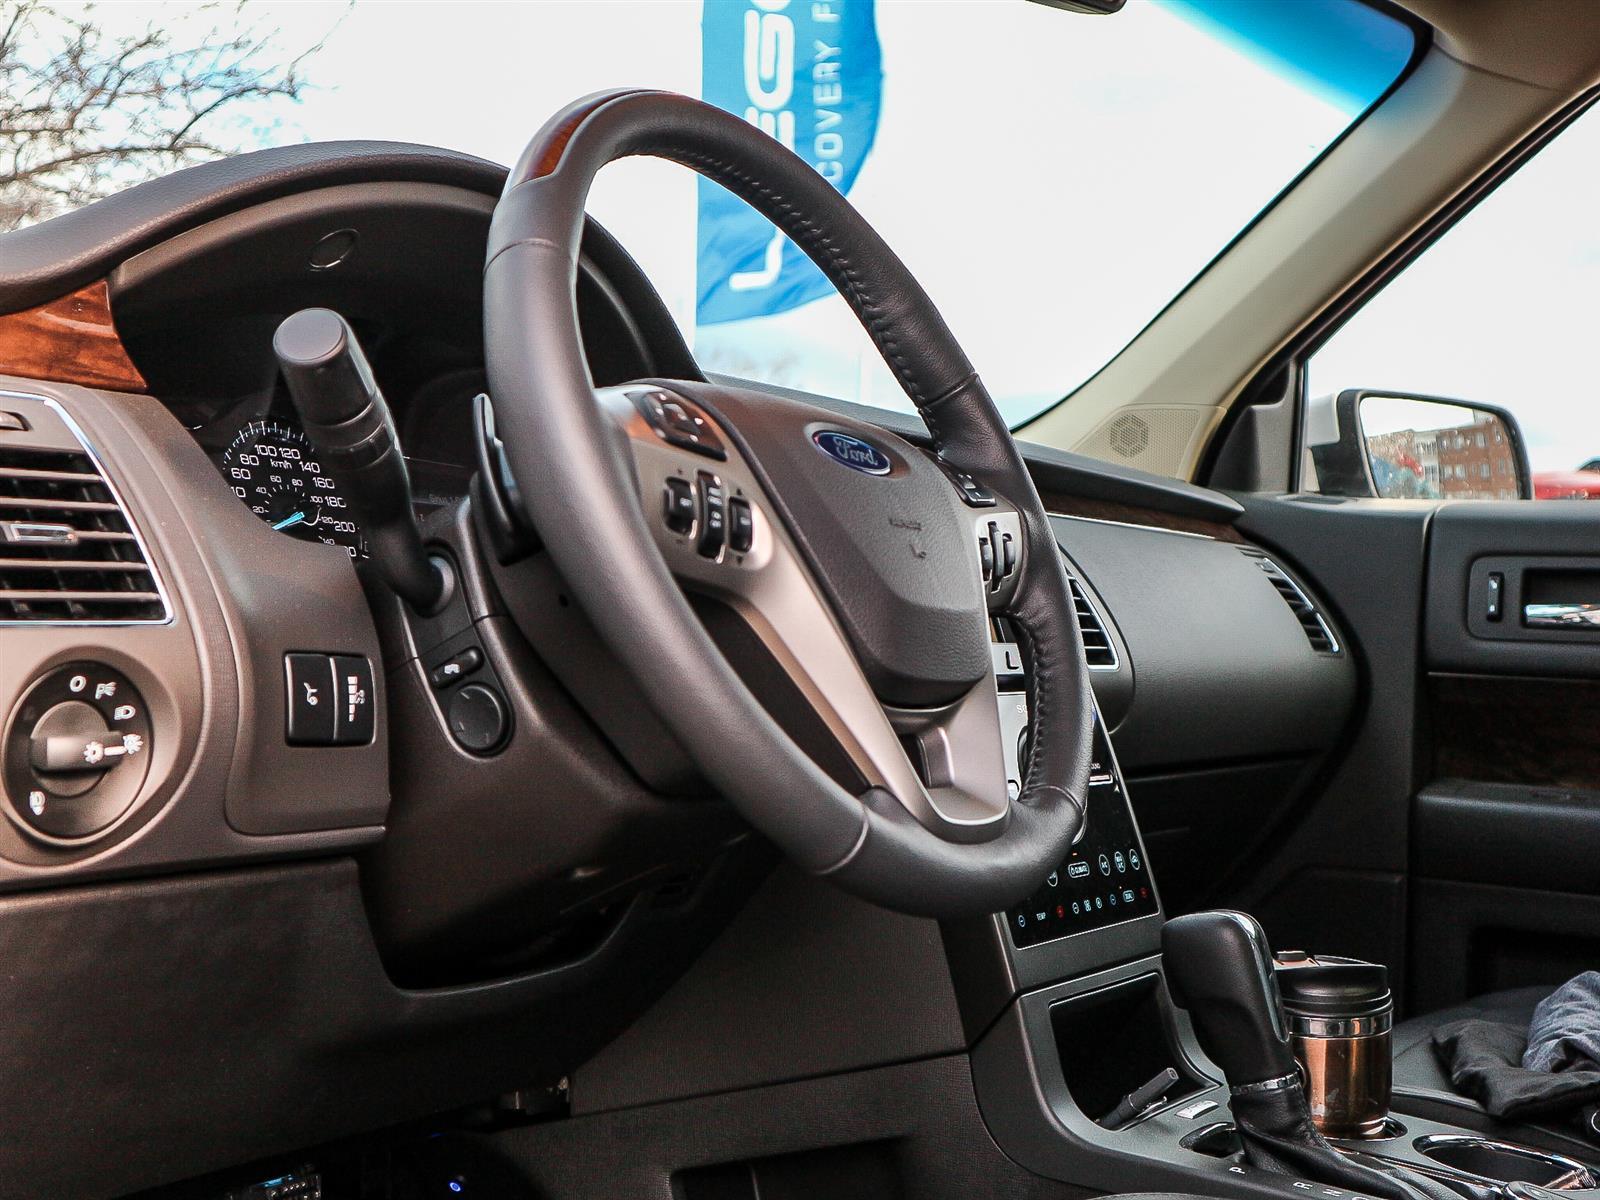 2019 Ford Flex Limited - AWD